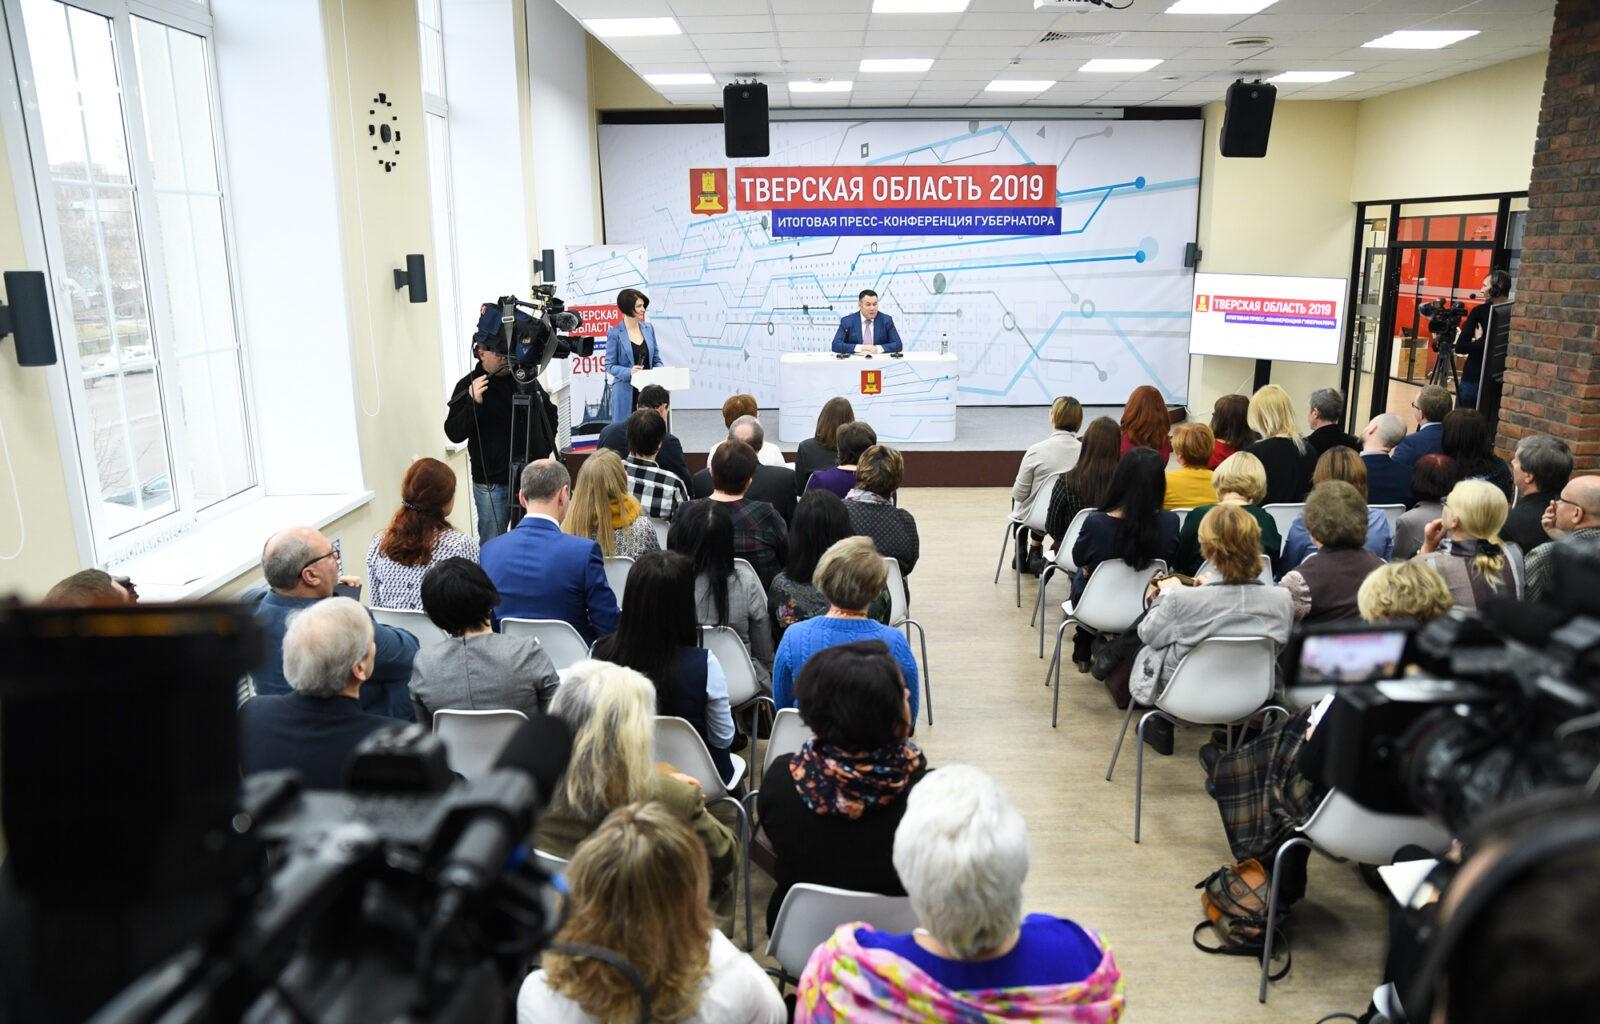 Игорь Руденя назвал ТОП-3 проекта 2020 года